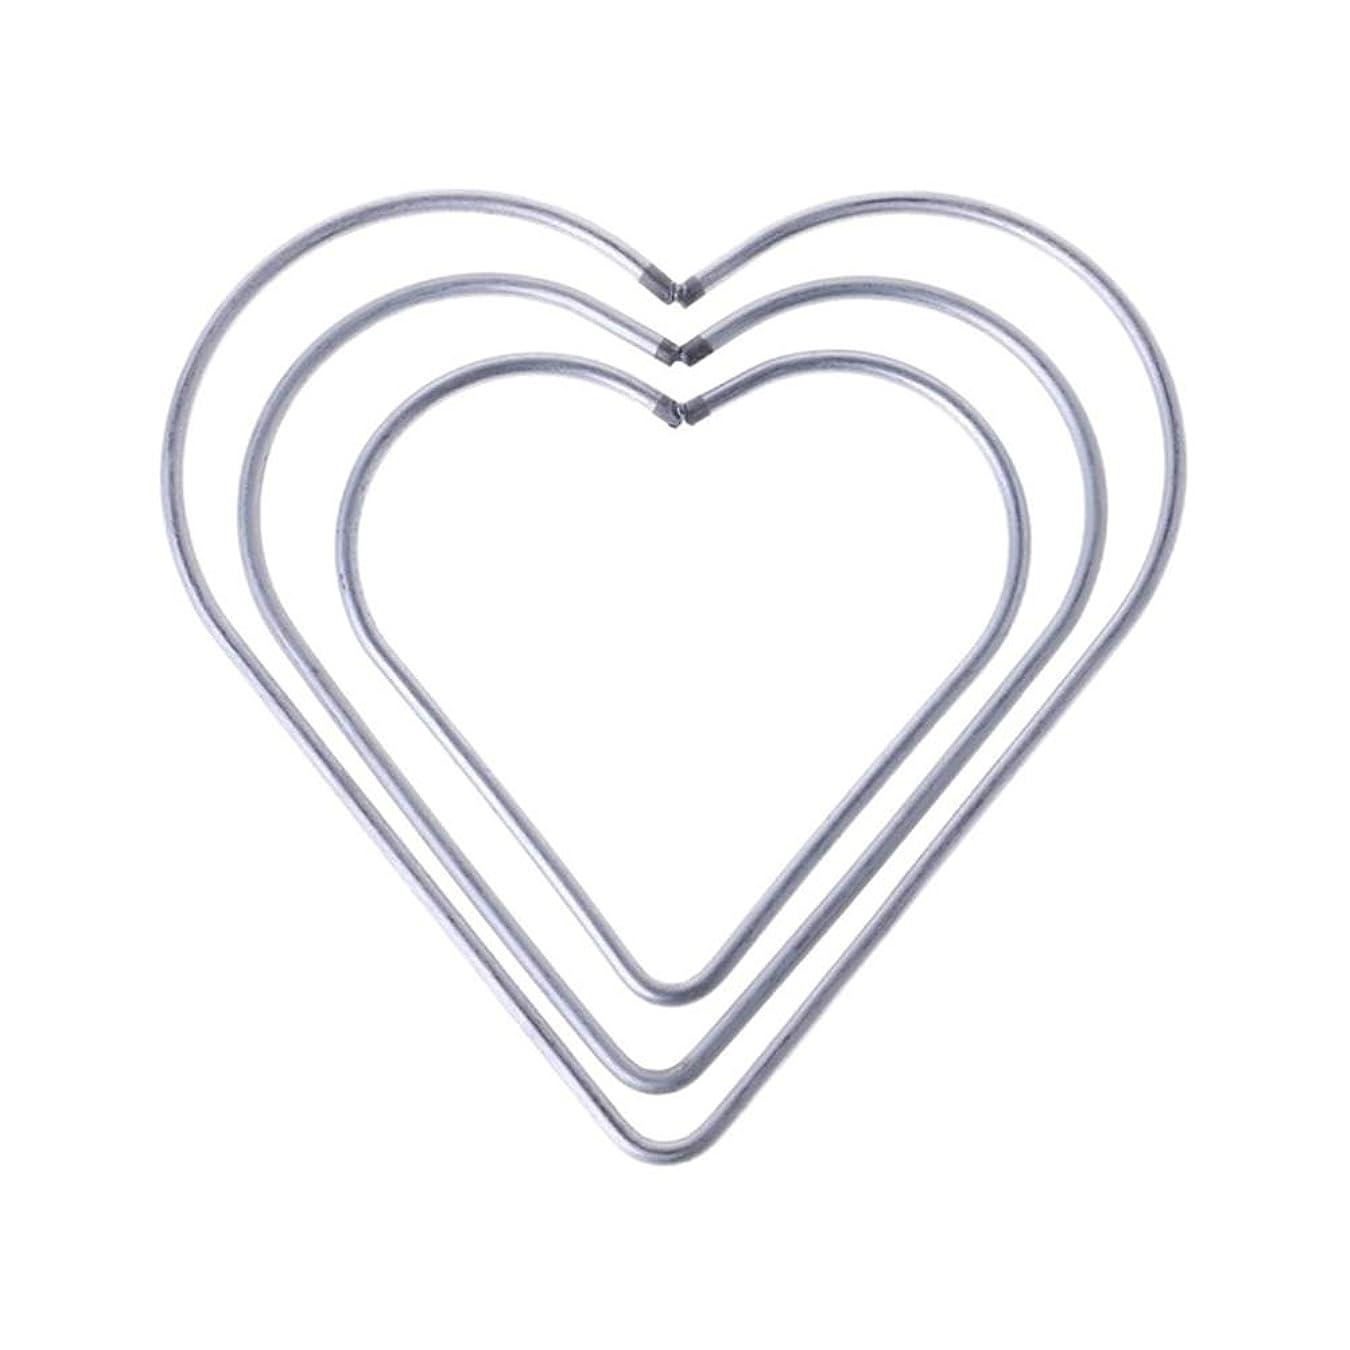 法廷深いレンドVosarea 3本の金属のドリームキャッチャーのリングのフープは、ドリームキャッチャーのための心臓の形状のメタルフープマクラメットリングDIYのクラフト(8cm + 10cm + 12cm)